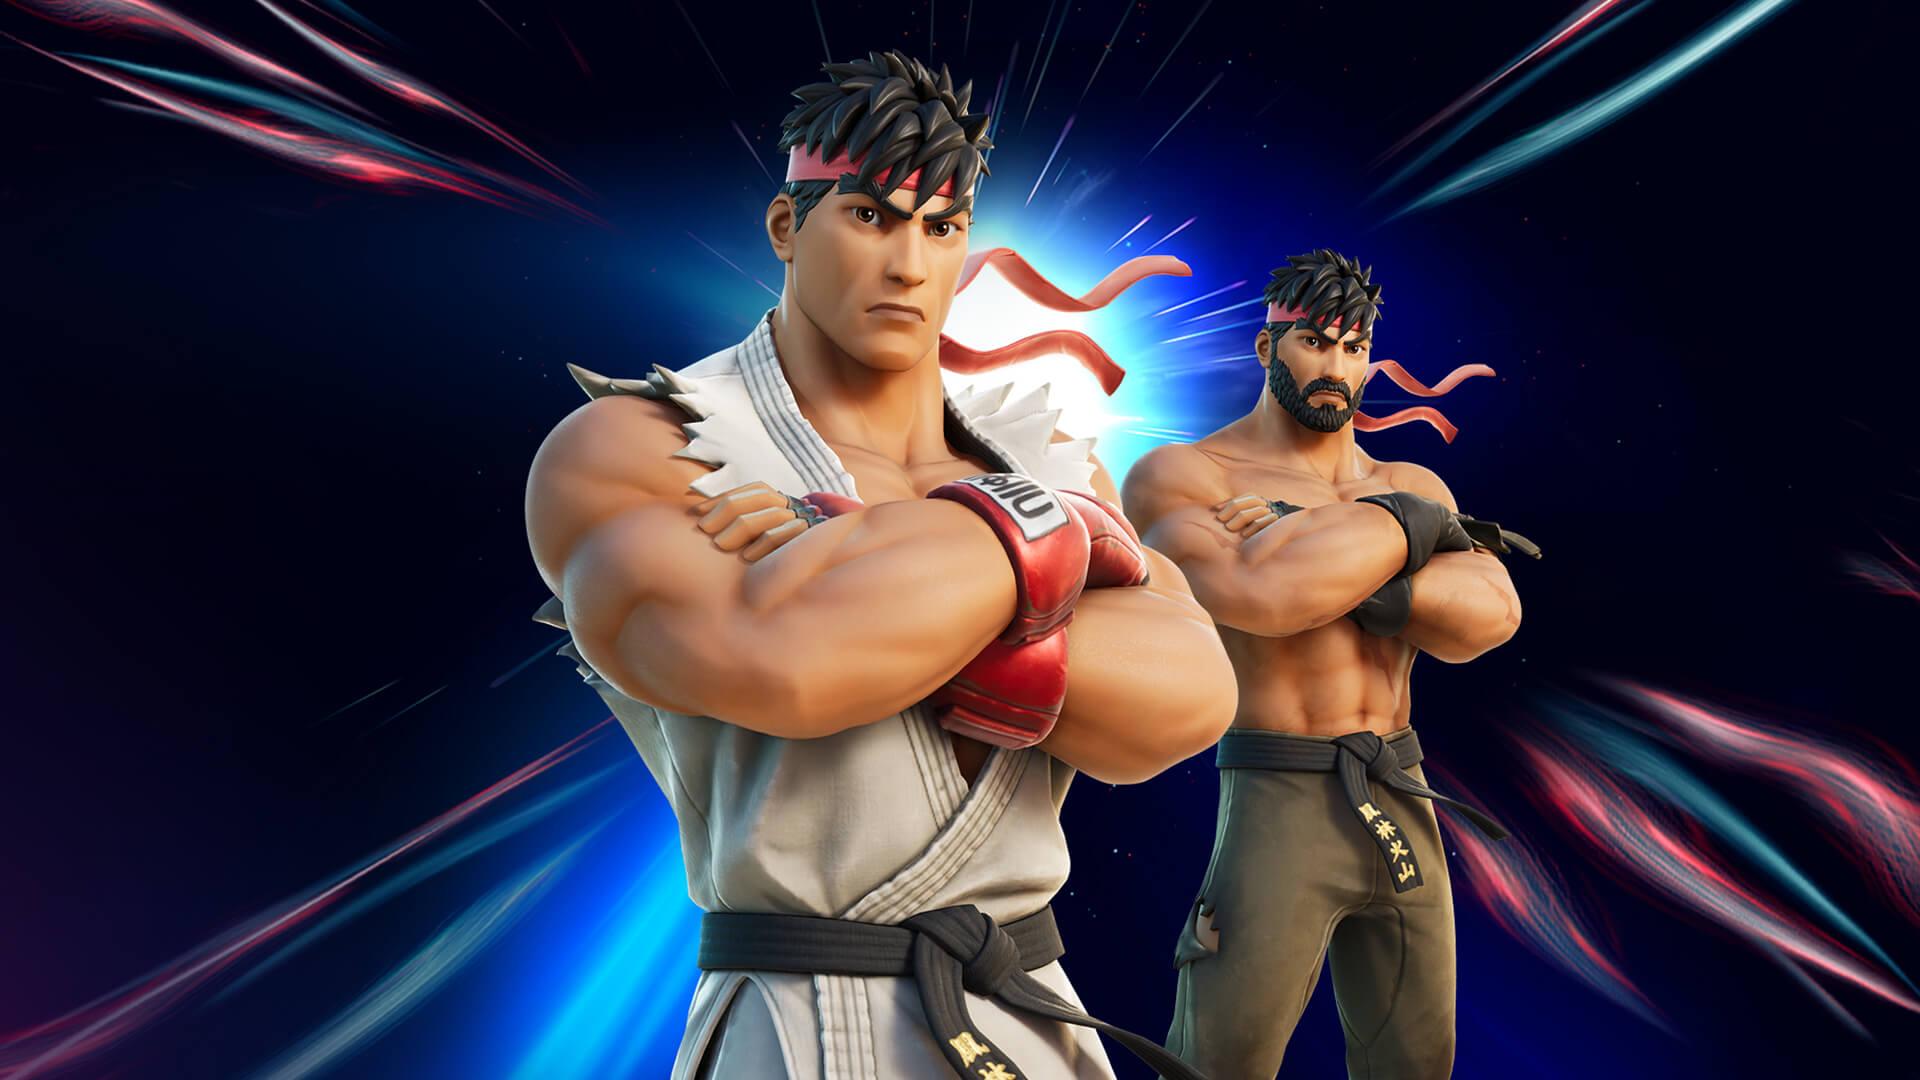 Ryu trocou os ringues de luta pela ilha de Fortnite (Foto: Epic Games).